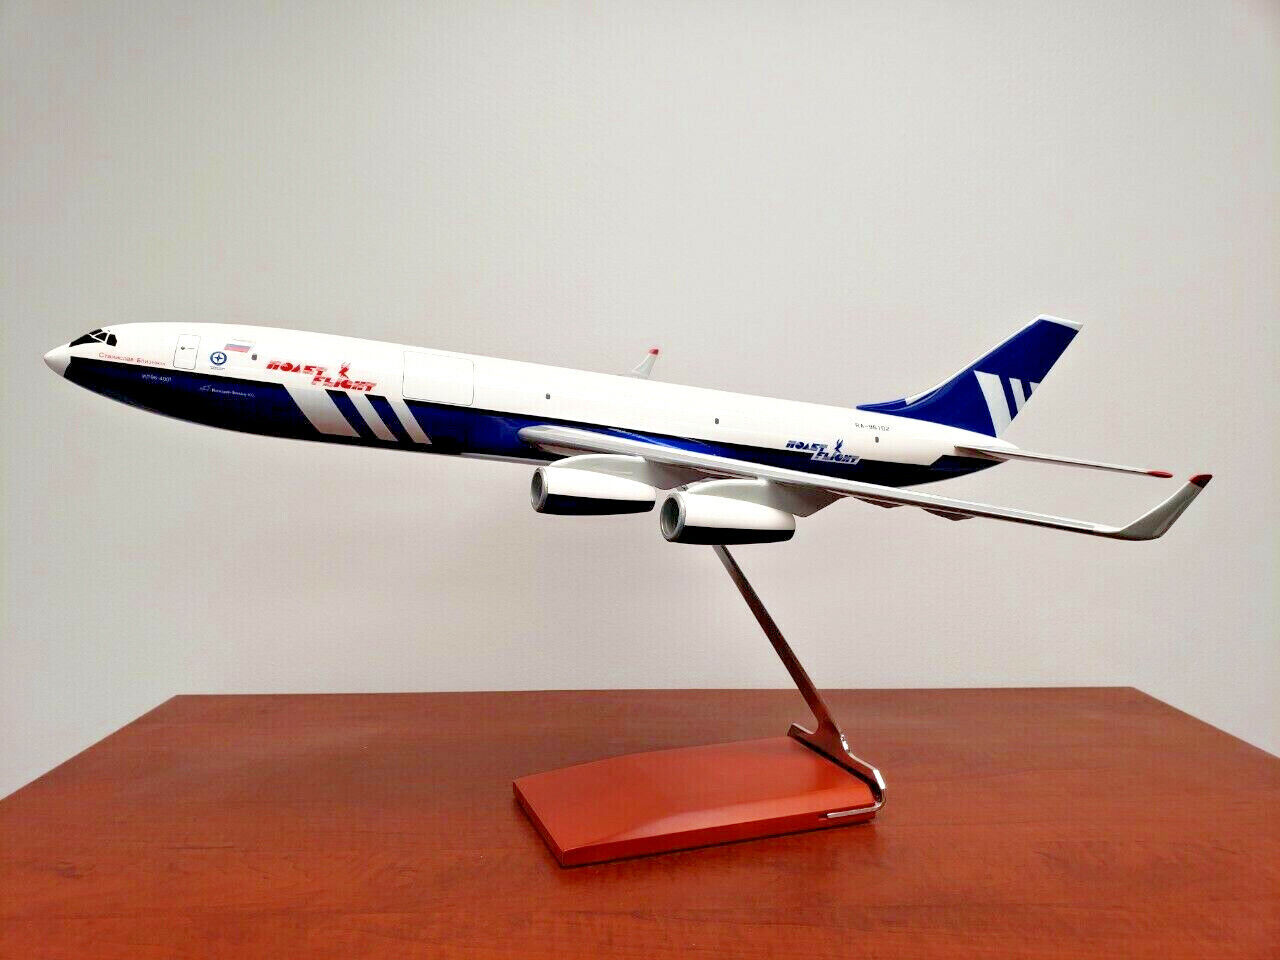 ILYUSHIN IL -96 -400T lastflygagagplansmodellllerl Polat Airlines i 1  100 skala